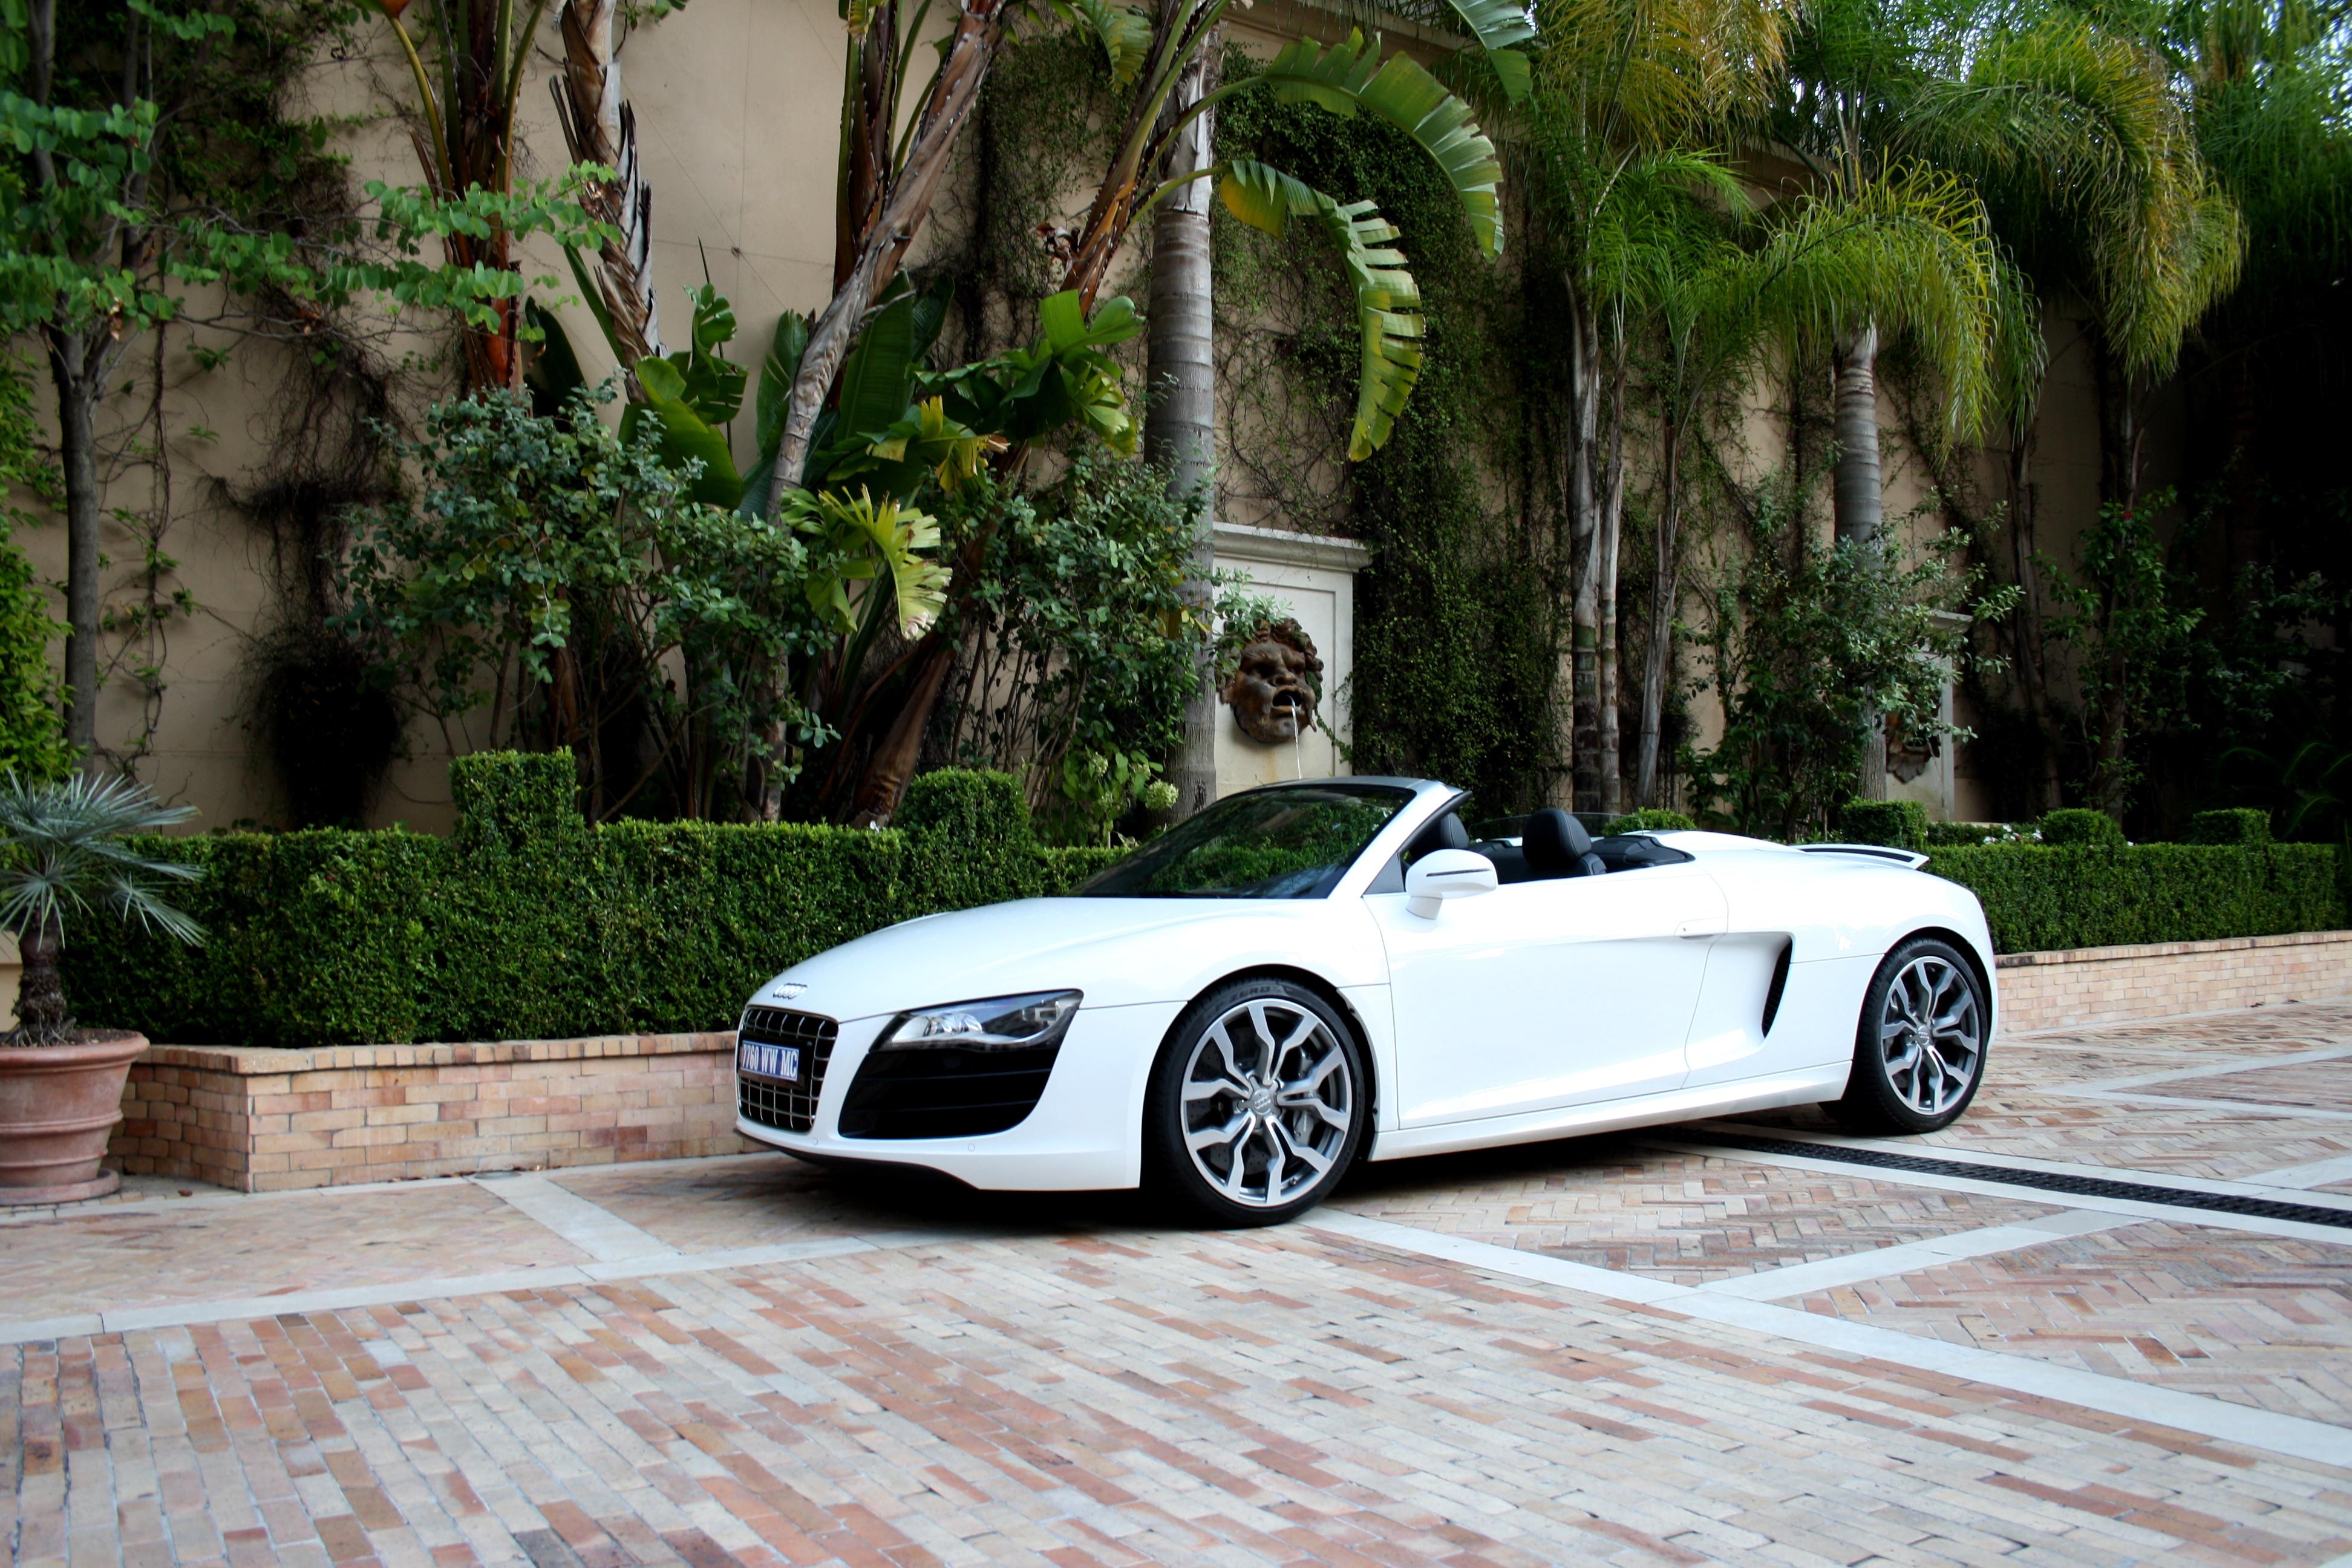 Audi R8 Spyder wallpaper 3888x2592 177174 WallpaperUP 3888x2592